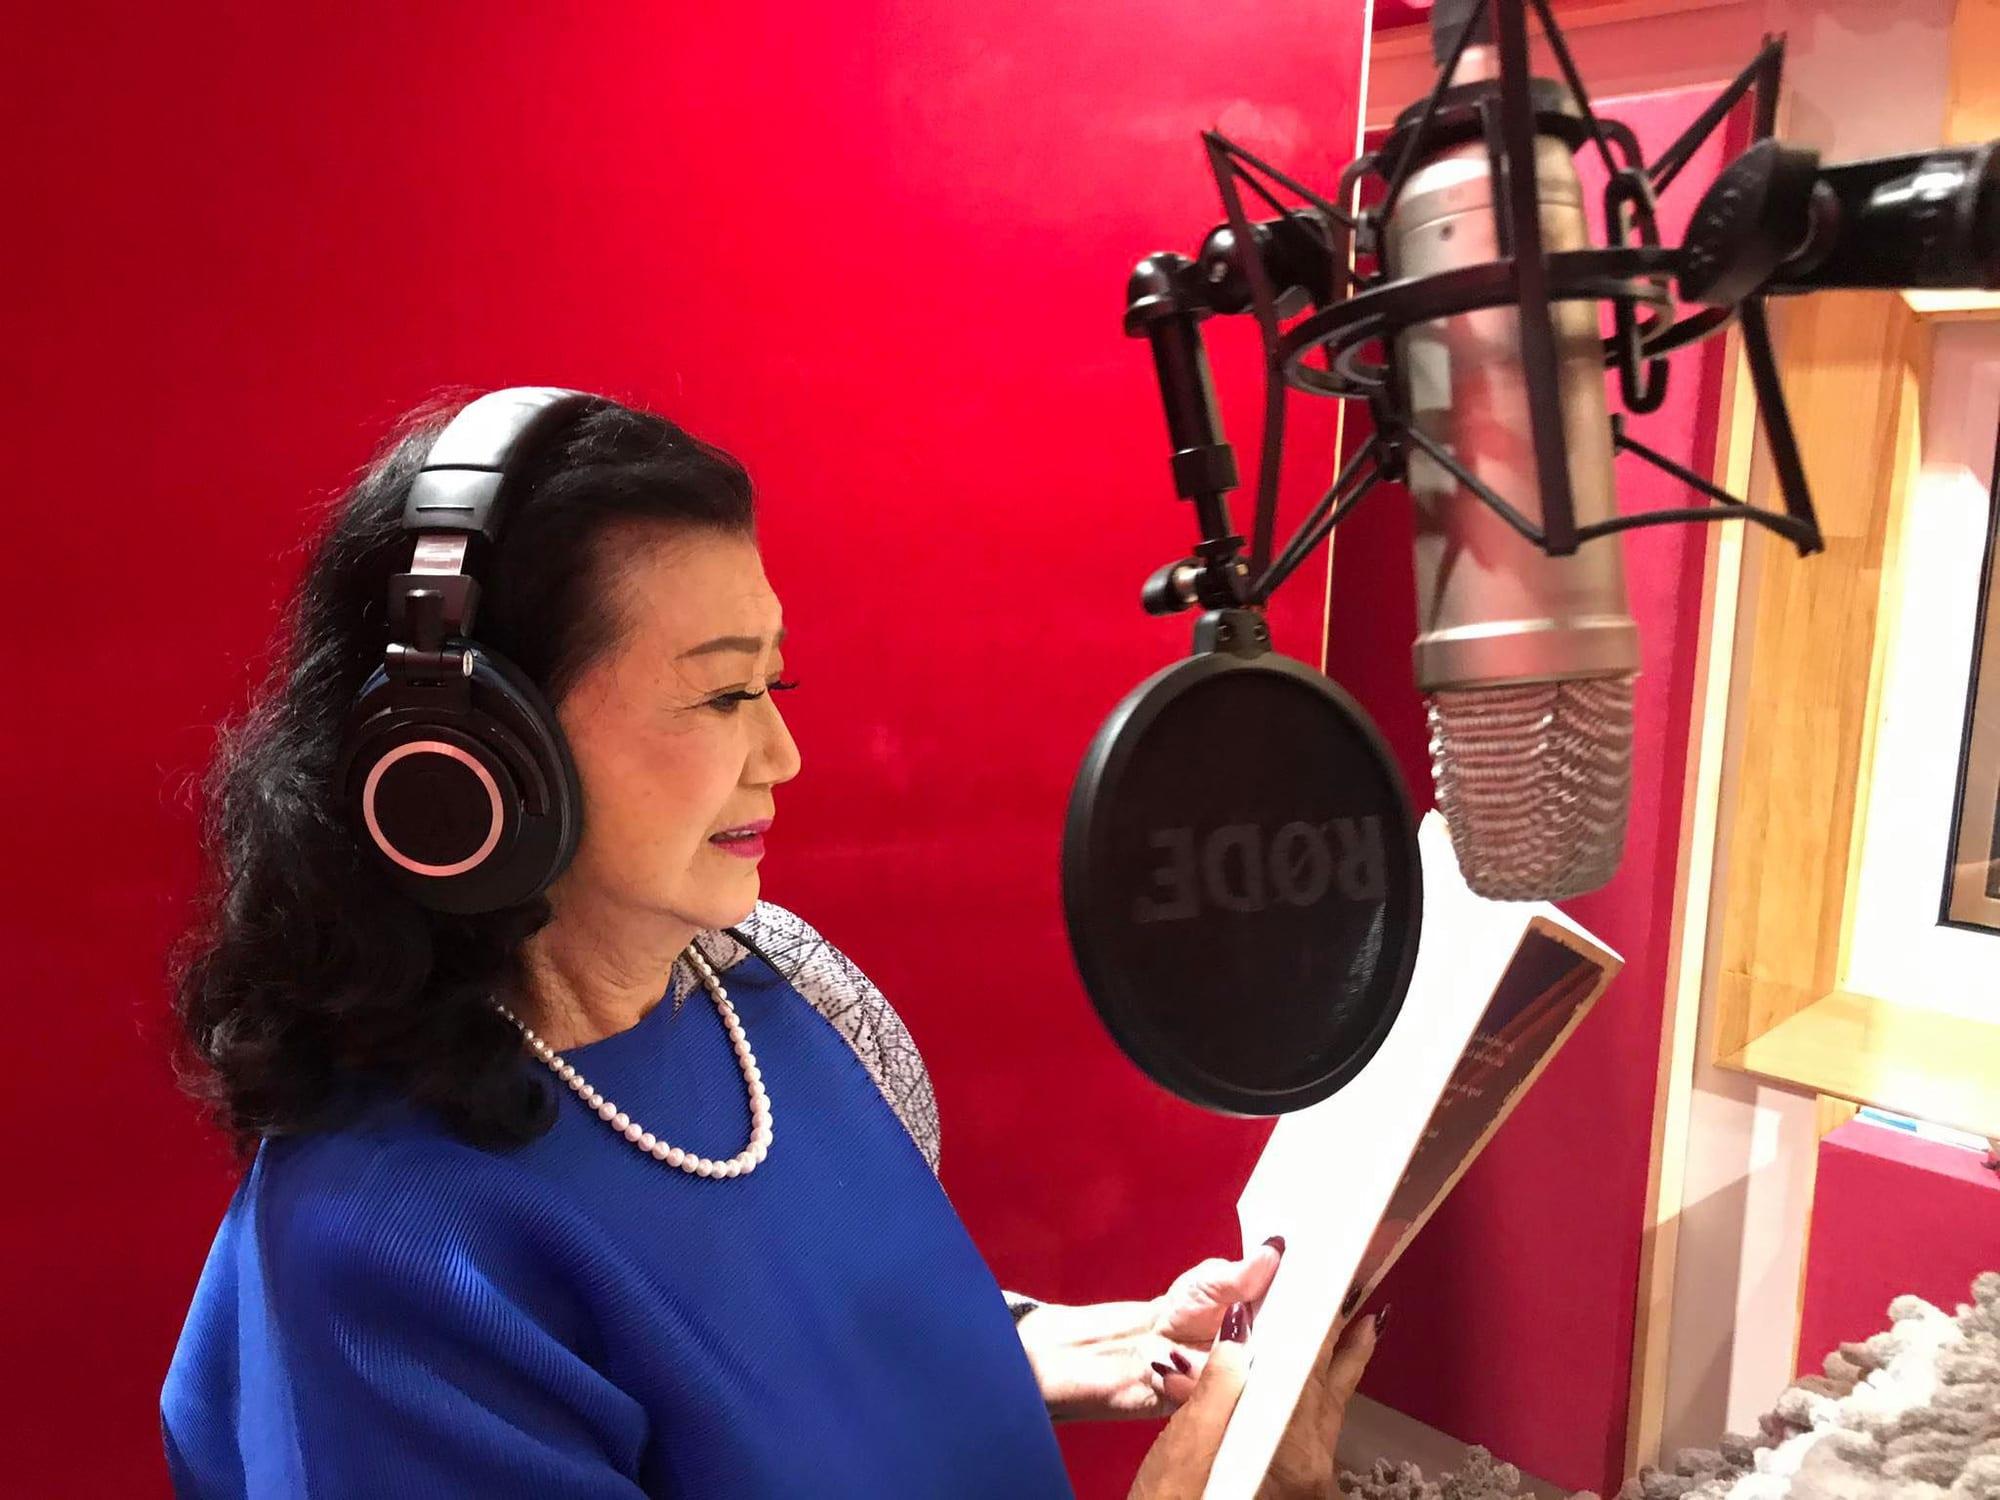 NSND Kim Cương đọc lời mở đầu hồi ký mà bà đã phát hành năm 2016